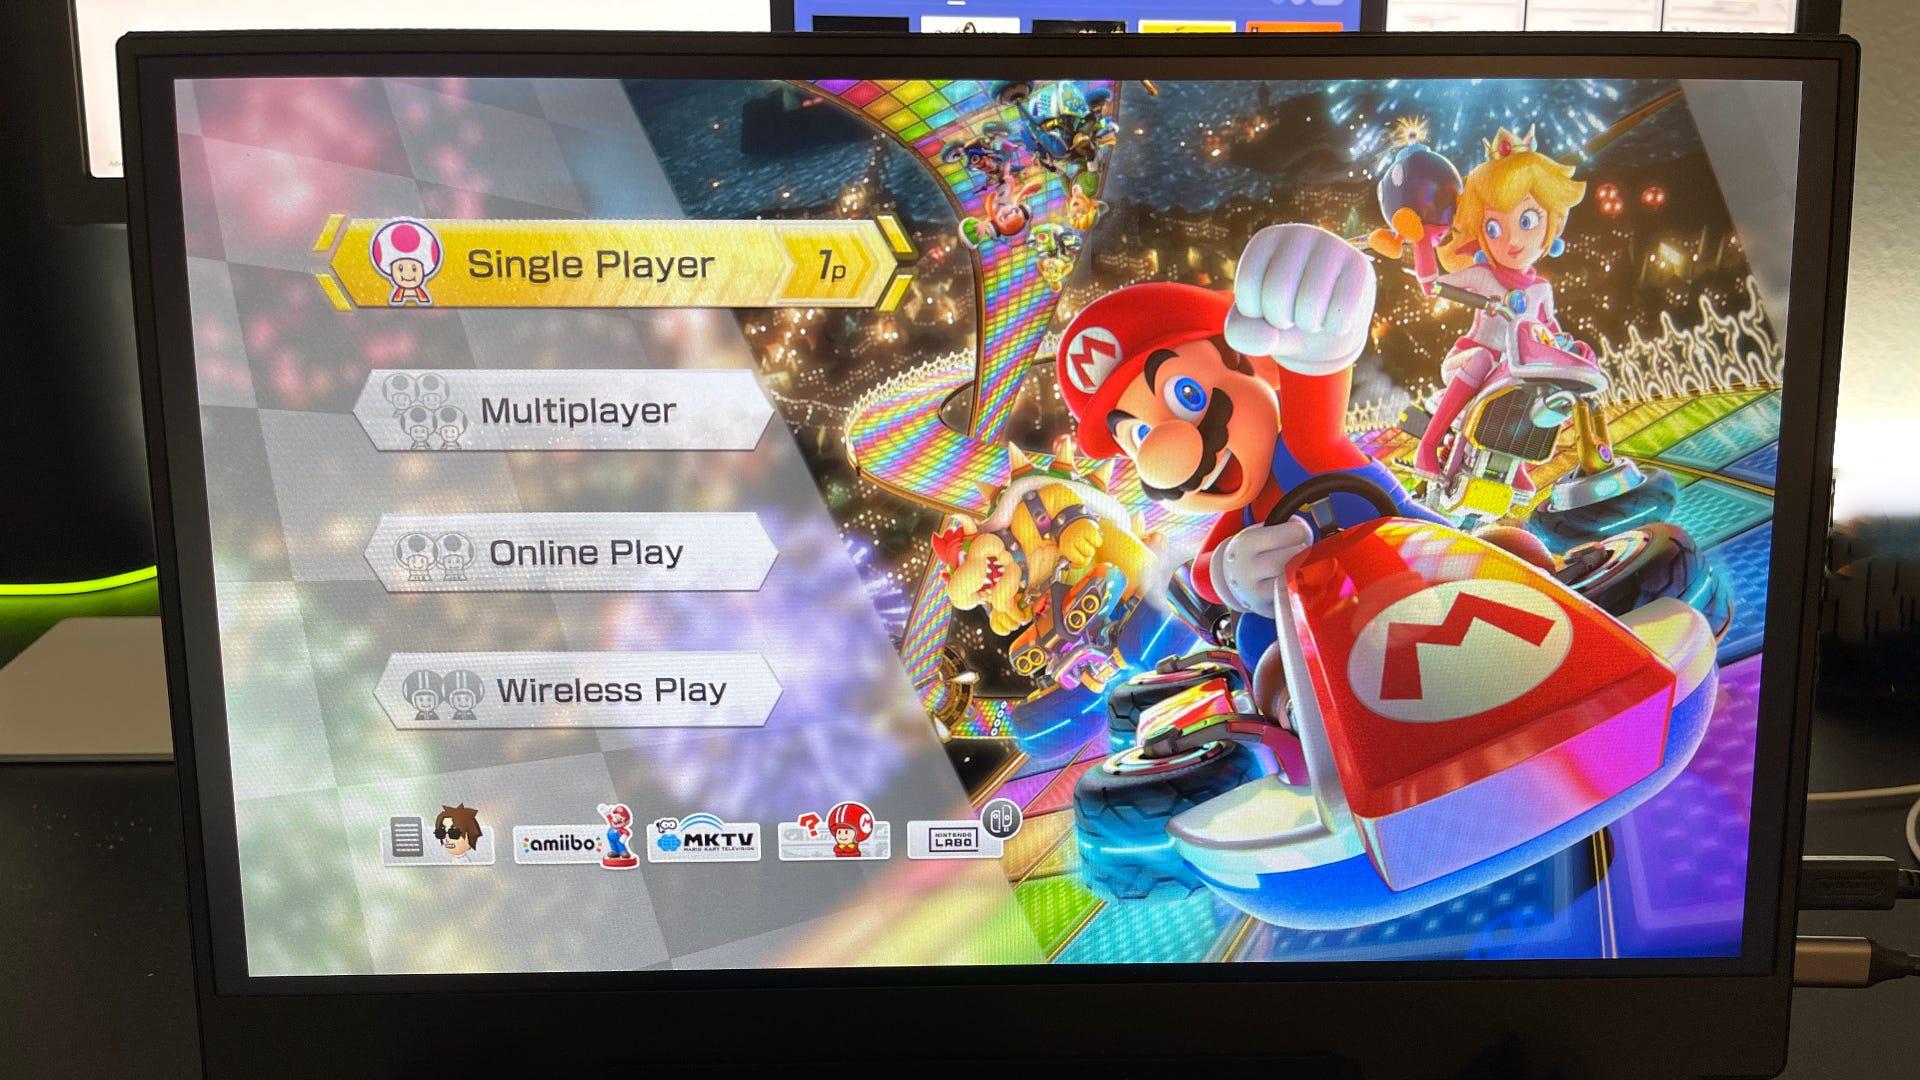 Монитор Vissles, на котором отображается Mario Kart 8 Deluxe при подключении к Nintendo Switch